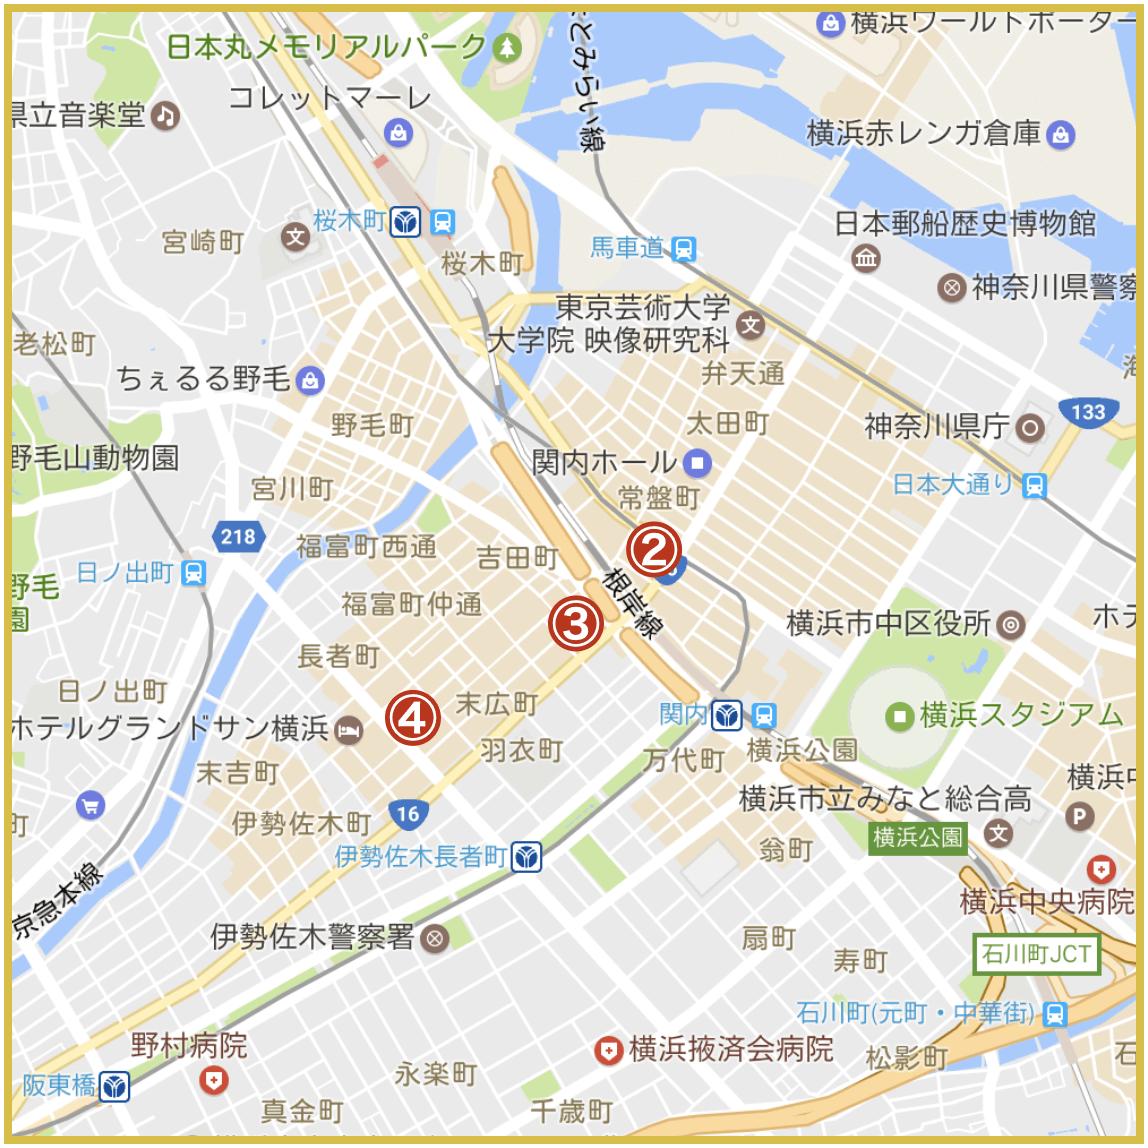 横浜市中区にあるアイフル店舗・ATMの位置(2020年版)